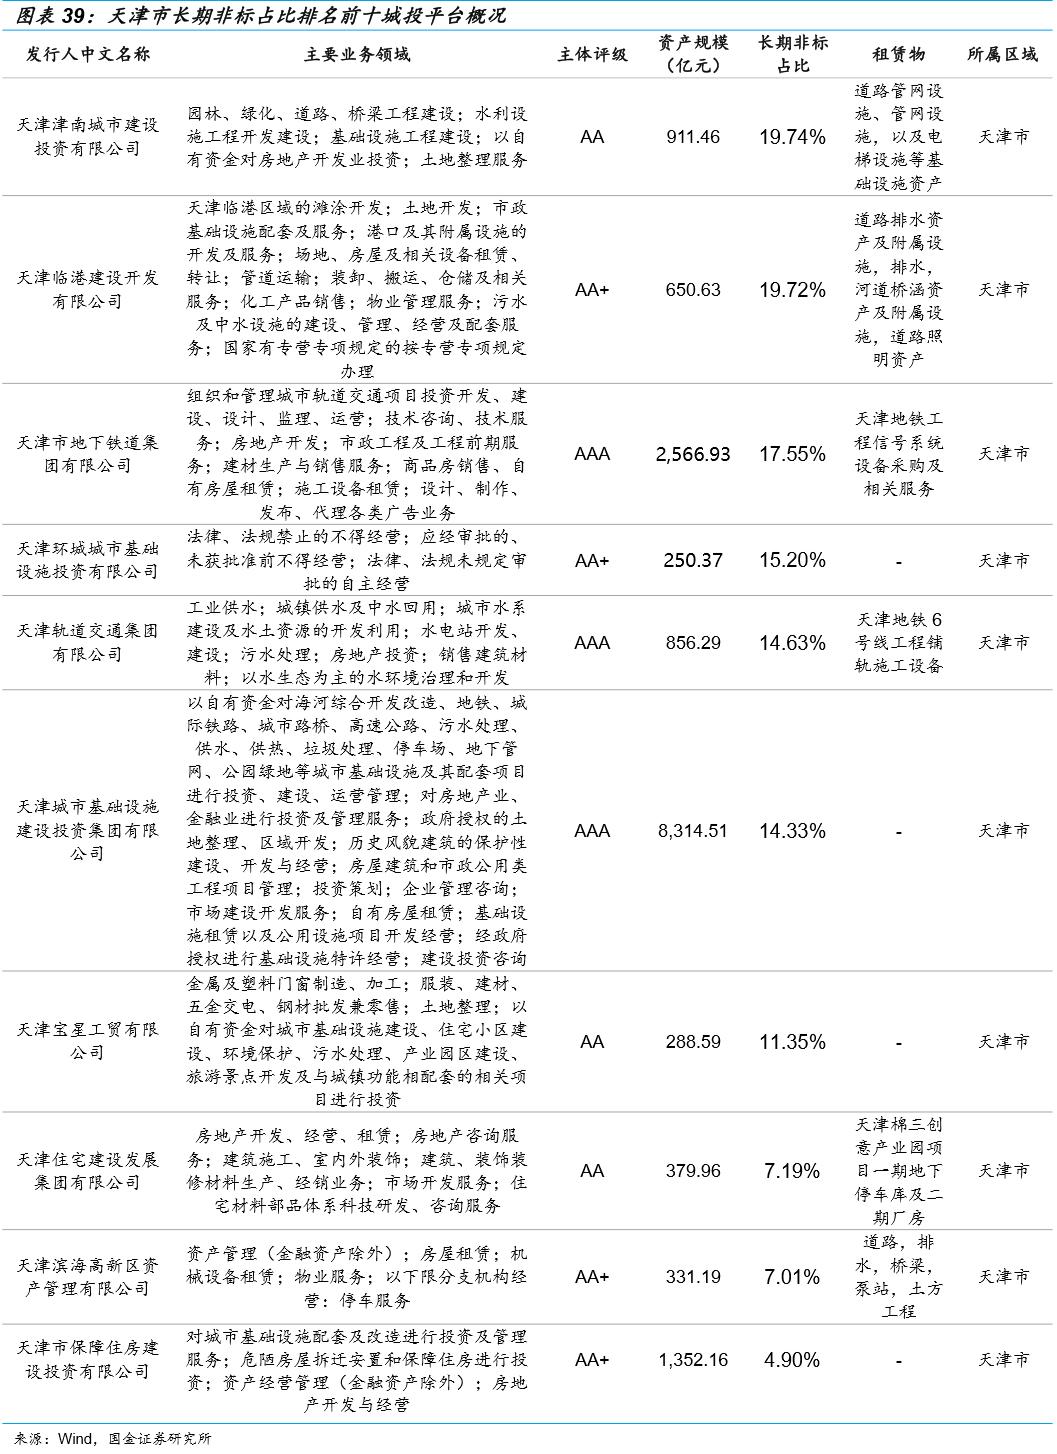 【国金研究】城投非标手册——华北篇